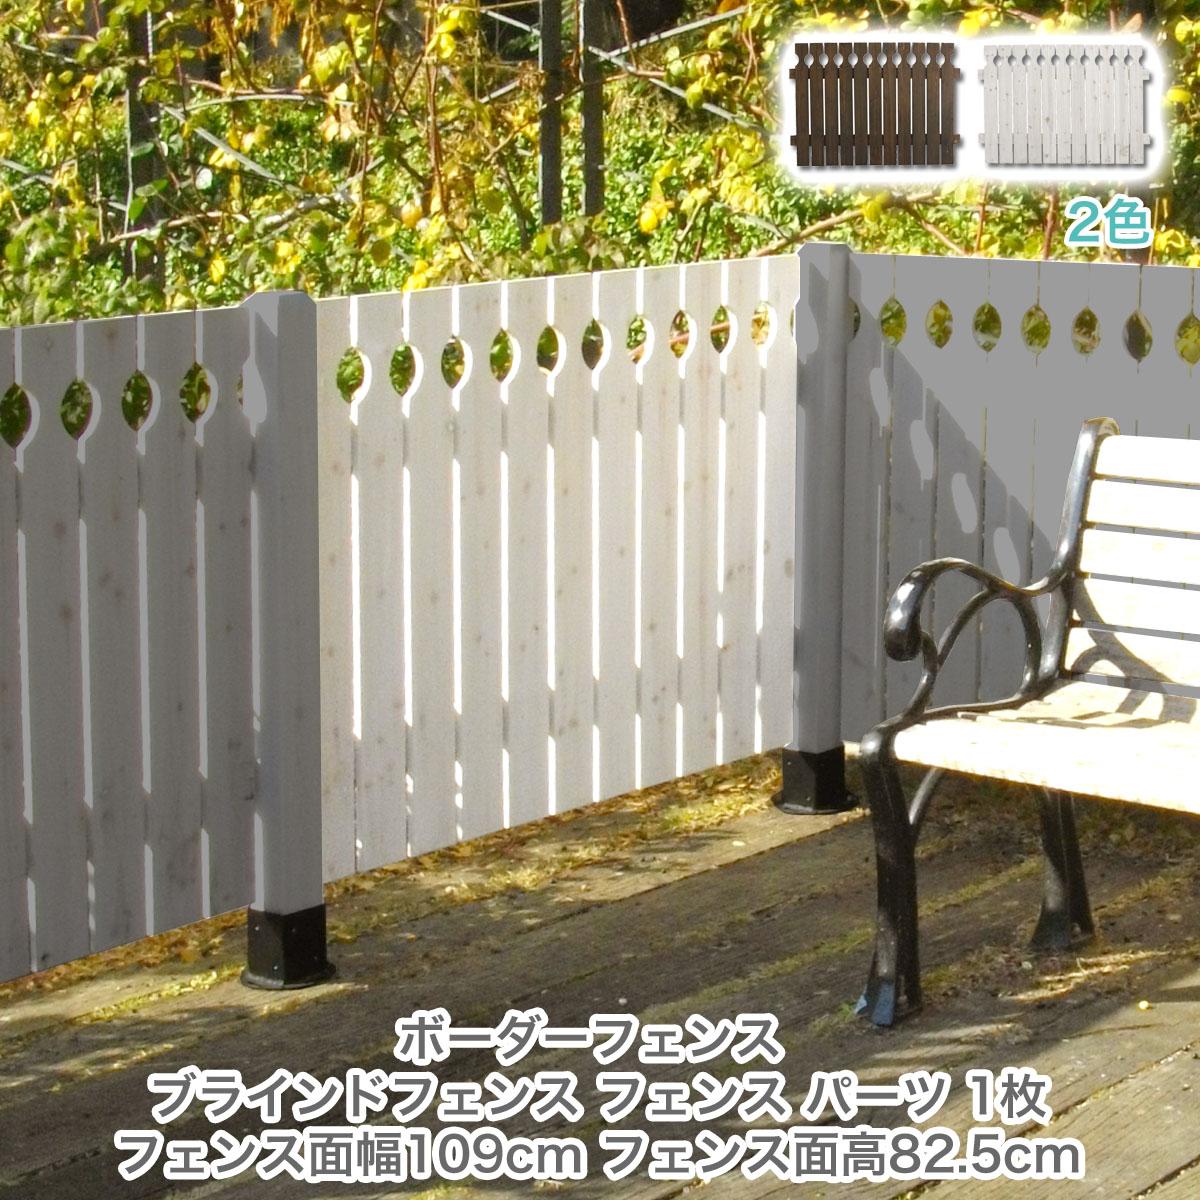 フェンス 木製 目隠し ブラインドフェンス フェンス単品1枚 DIY ウッドフェンス ガーデンフェンス ガーデニング 仕切り フェンスキット pqb-126